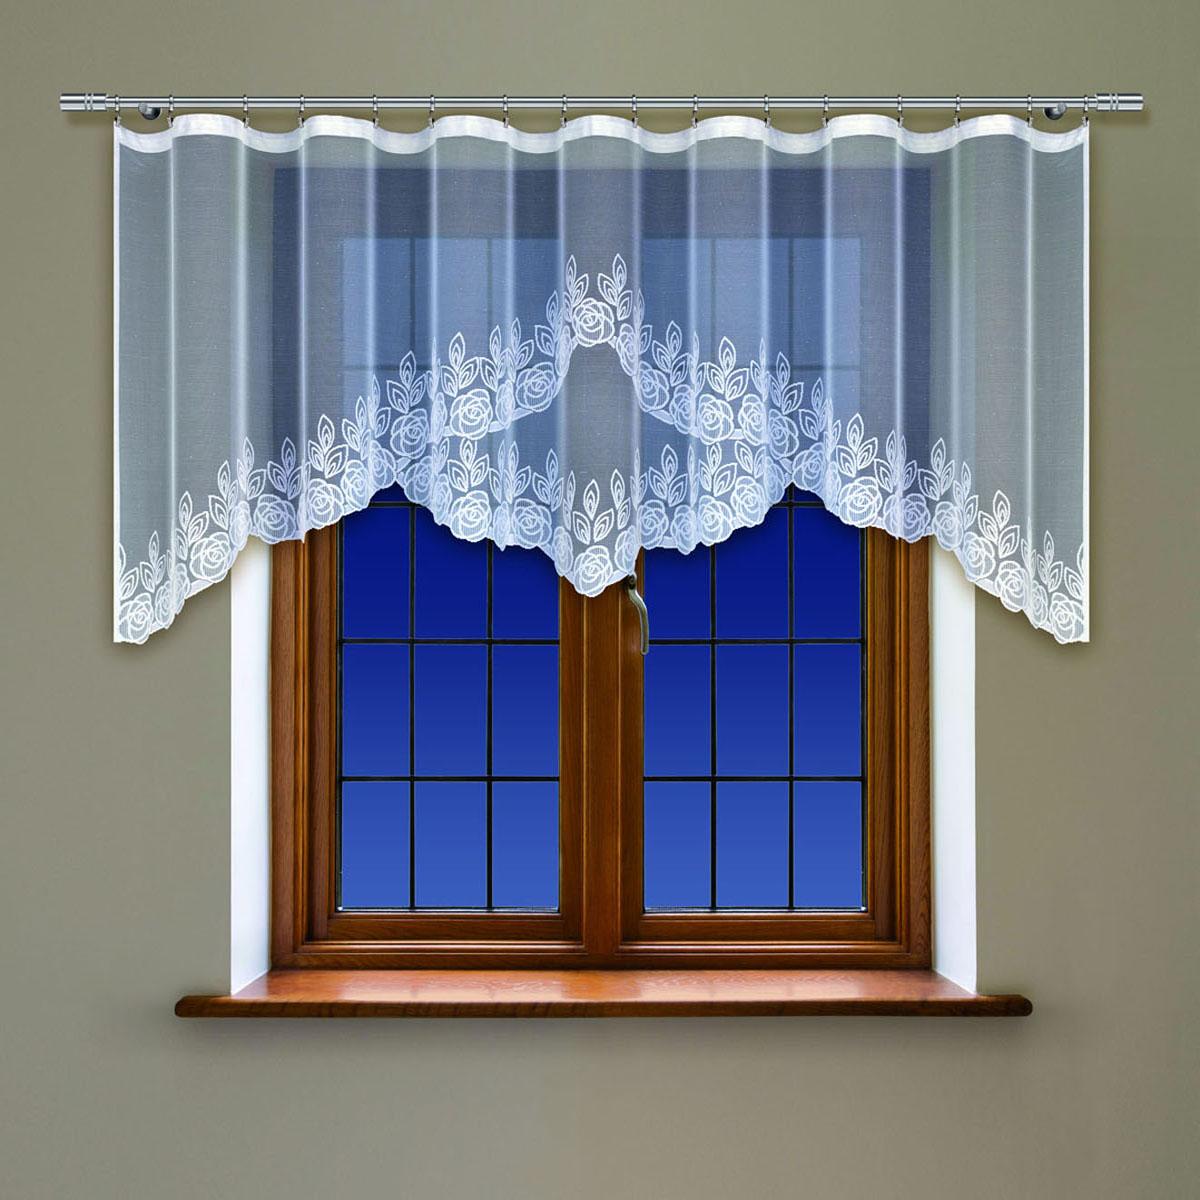 Гардина Haft, цвет: белый, ширина 300 см, высота 90 см. 214250/90214250/90Жаккардовая гардина в кухню белого цвета на верхнюю часть окна Размеры: высота 90см * ширина 300см